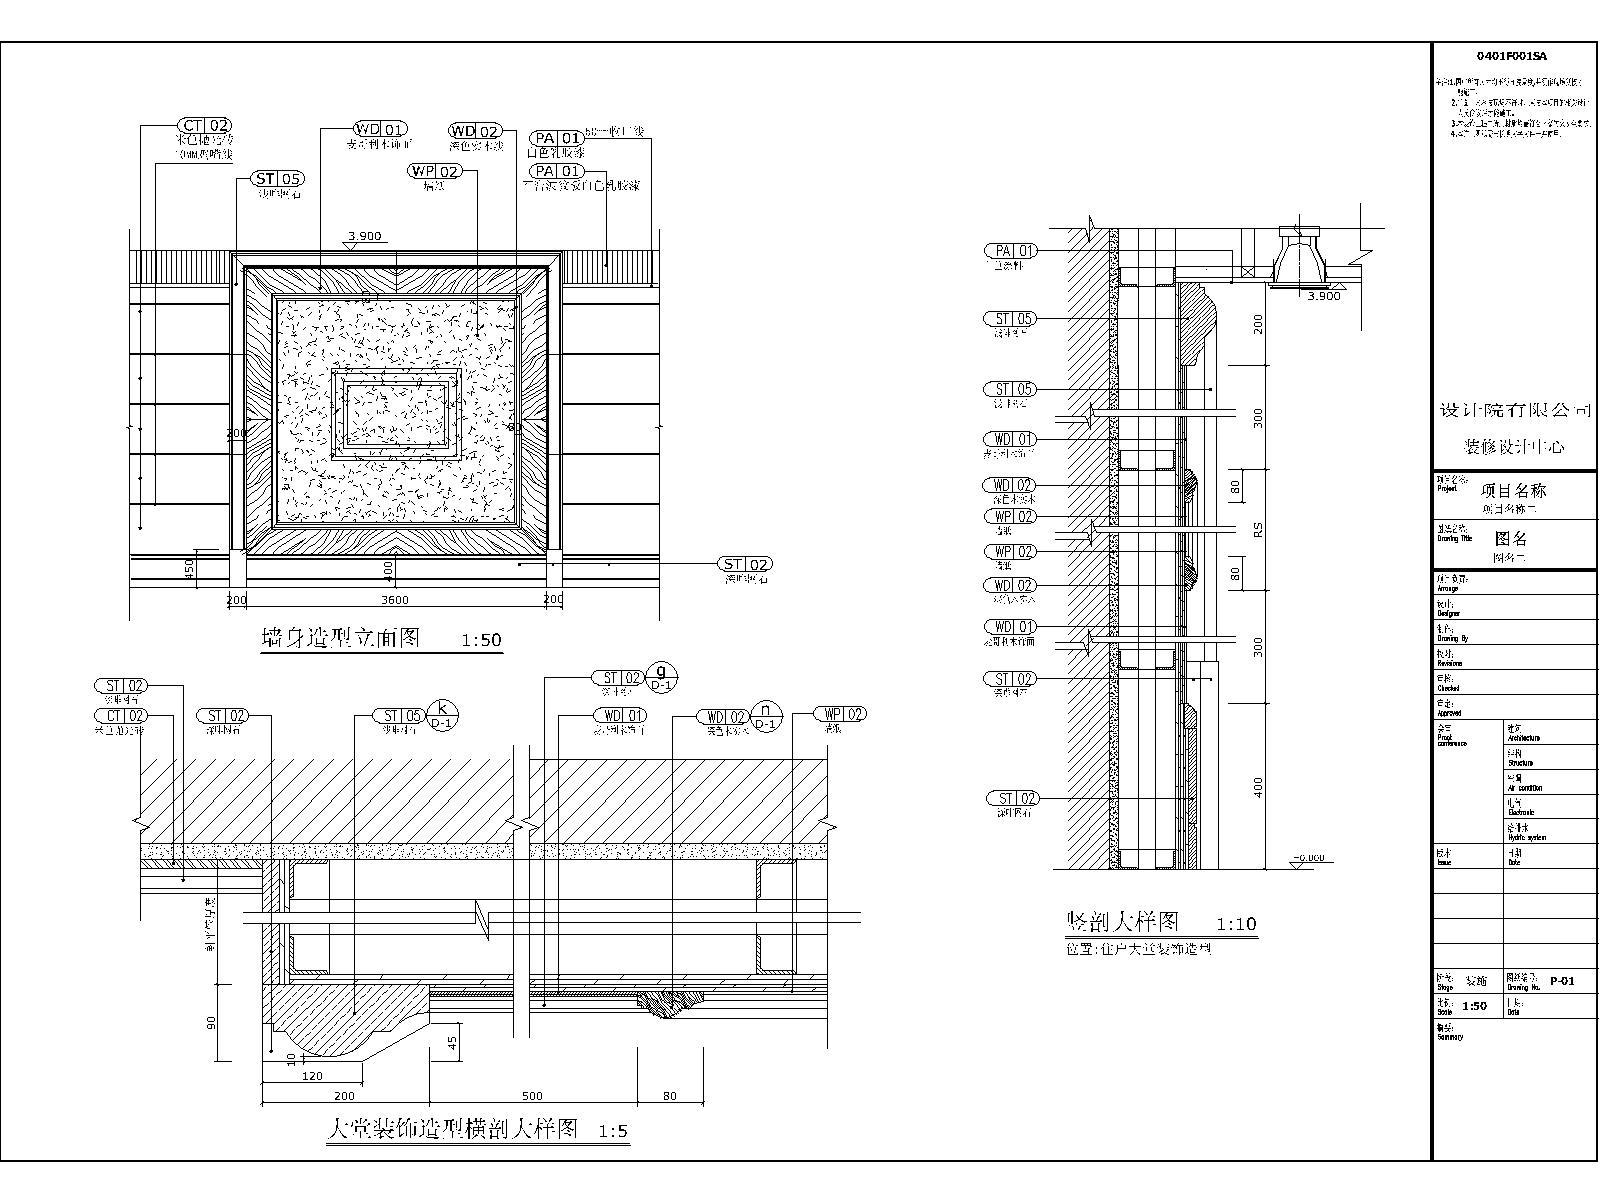 1、入户大堂和电梯前室要求功能布置合理,特别是入户大堂要气派,应在合理位置设置服务台和书报箱(每户一个)。入户大堂和电梯前室尺寸见一层的平面图,设计时任选一个即可,但要考虑四个入口基本能通用。 2、提供的方案应包括效果图、平面图、施工图和设计说明。其中效果图应有入户大堂和电梯前室;设计说明应有装饰设计的立意、风格、主辅材料等。 3、截稿日期至2010年6月30日。 联系人:廖先生 附件:  201061113059_01.